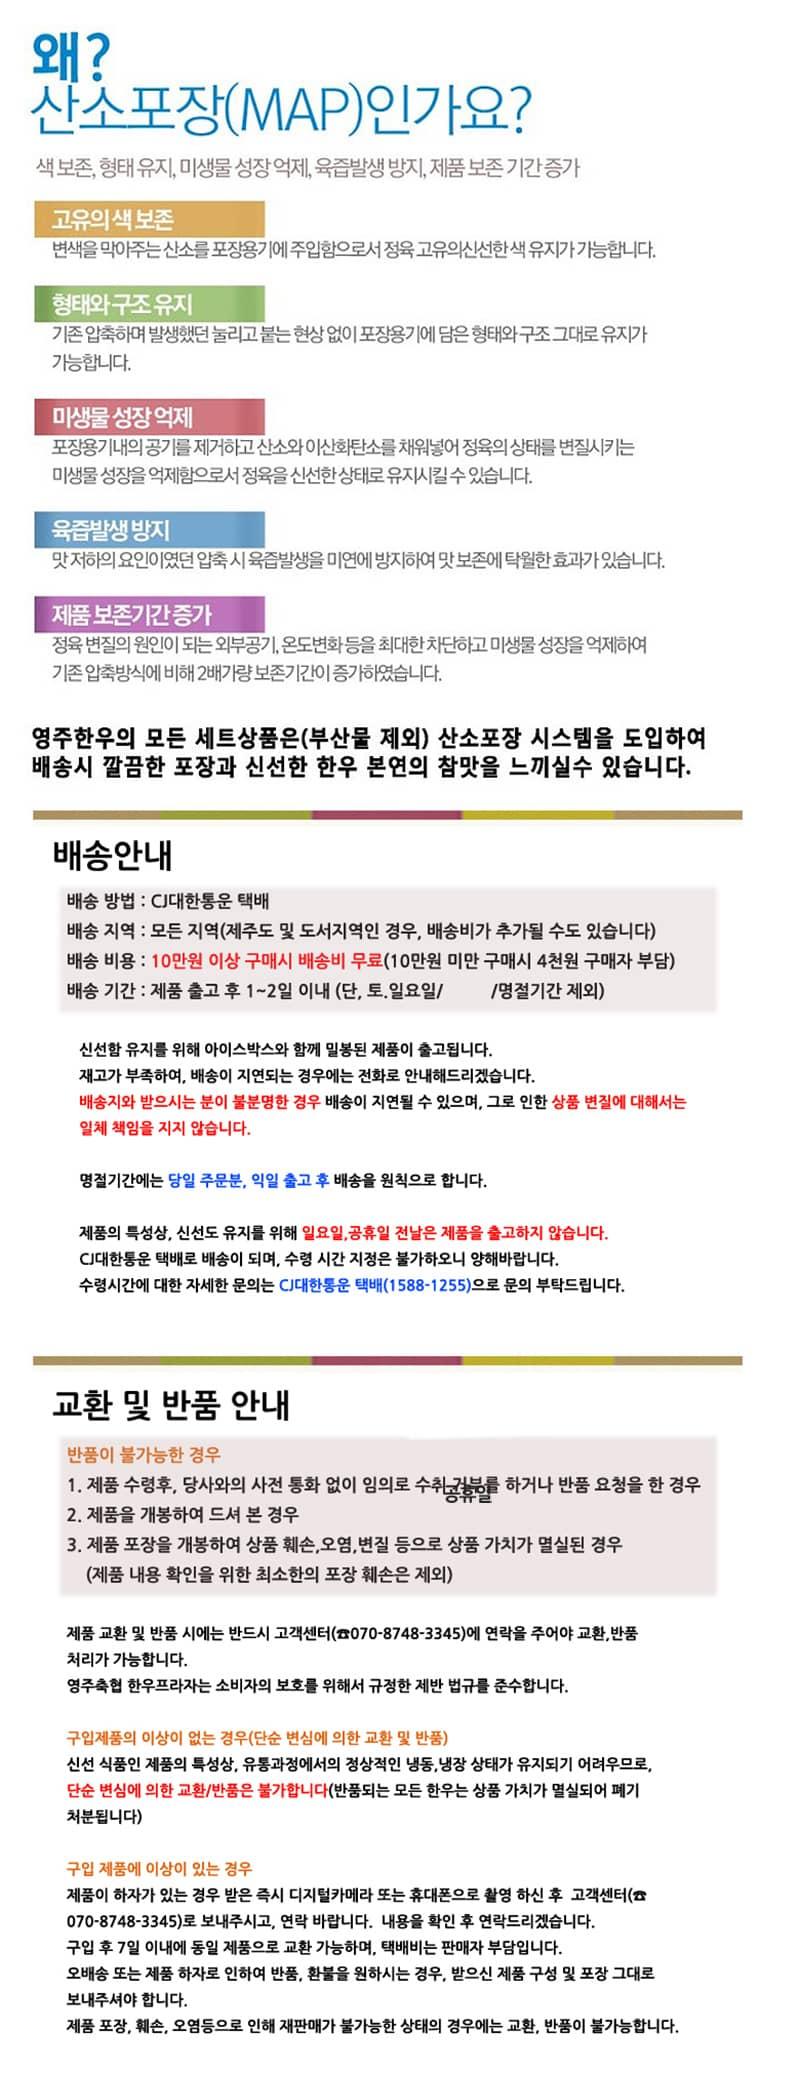 yeongjuchughyeob-yeongju_hanu_teugseon_4ho_detail_800_7.jpg